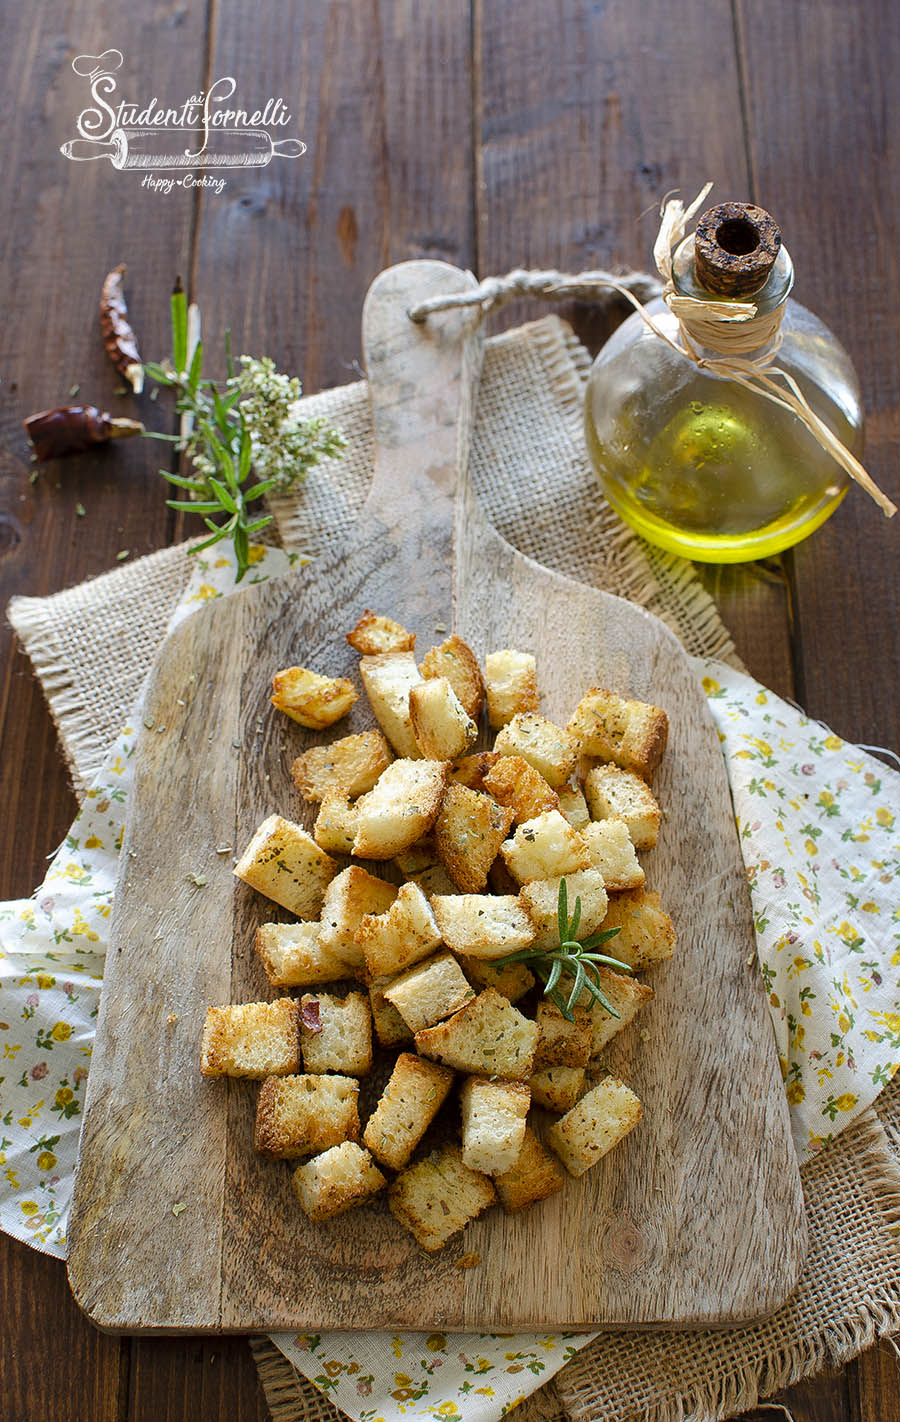 crostini per zuppe in friggitrice ad aria ricetta passo passo (1)